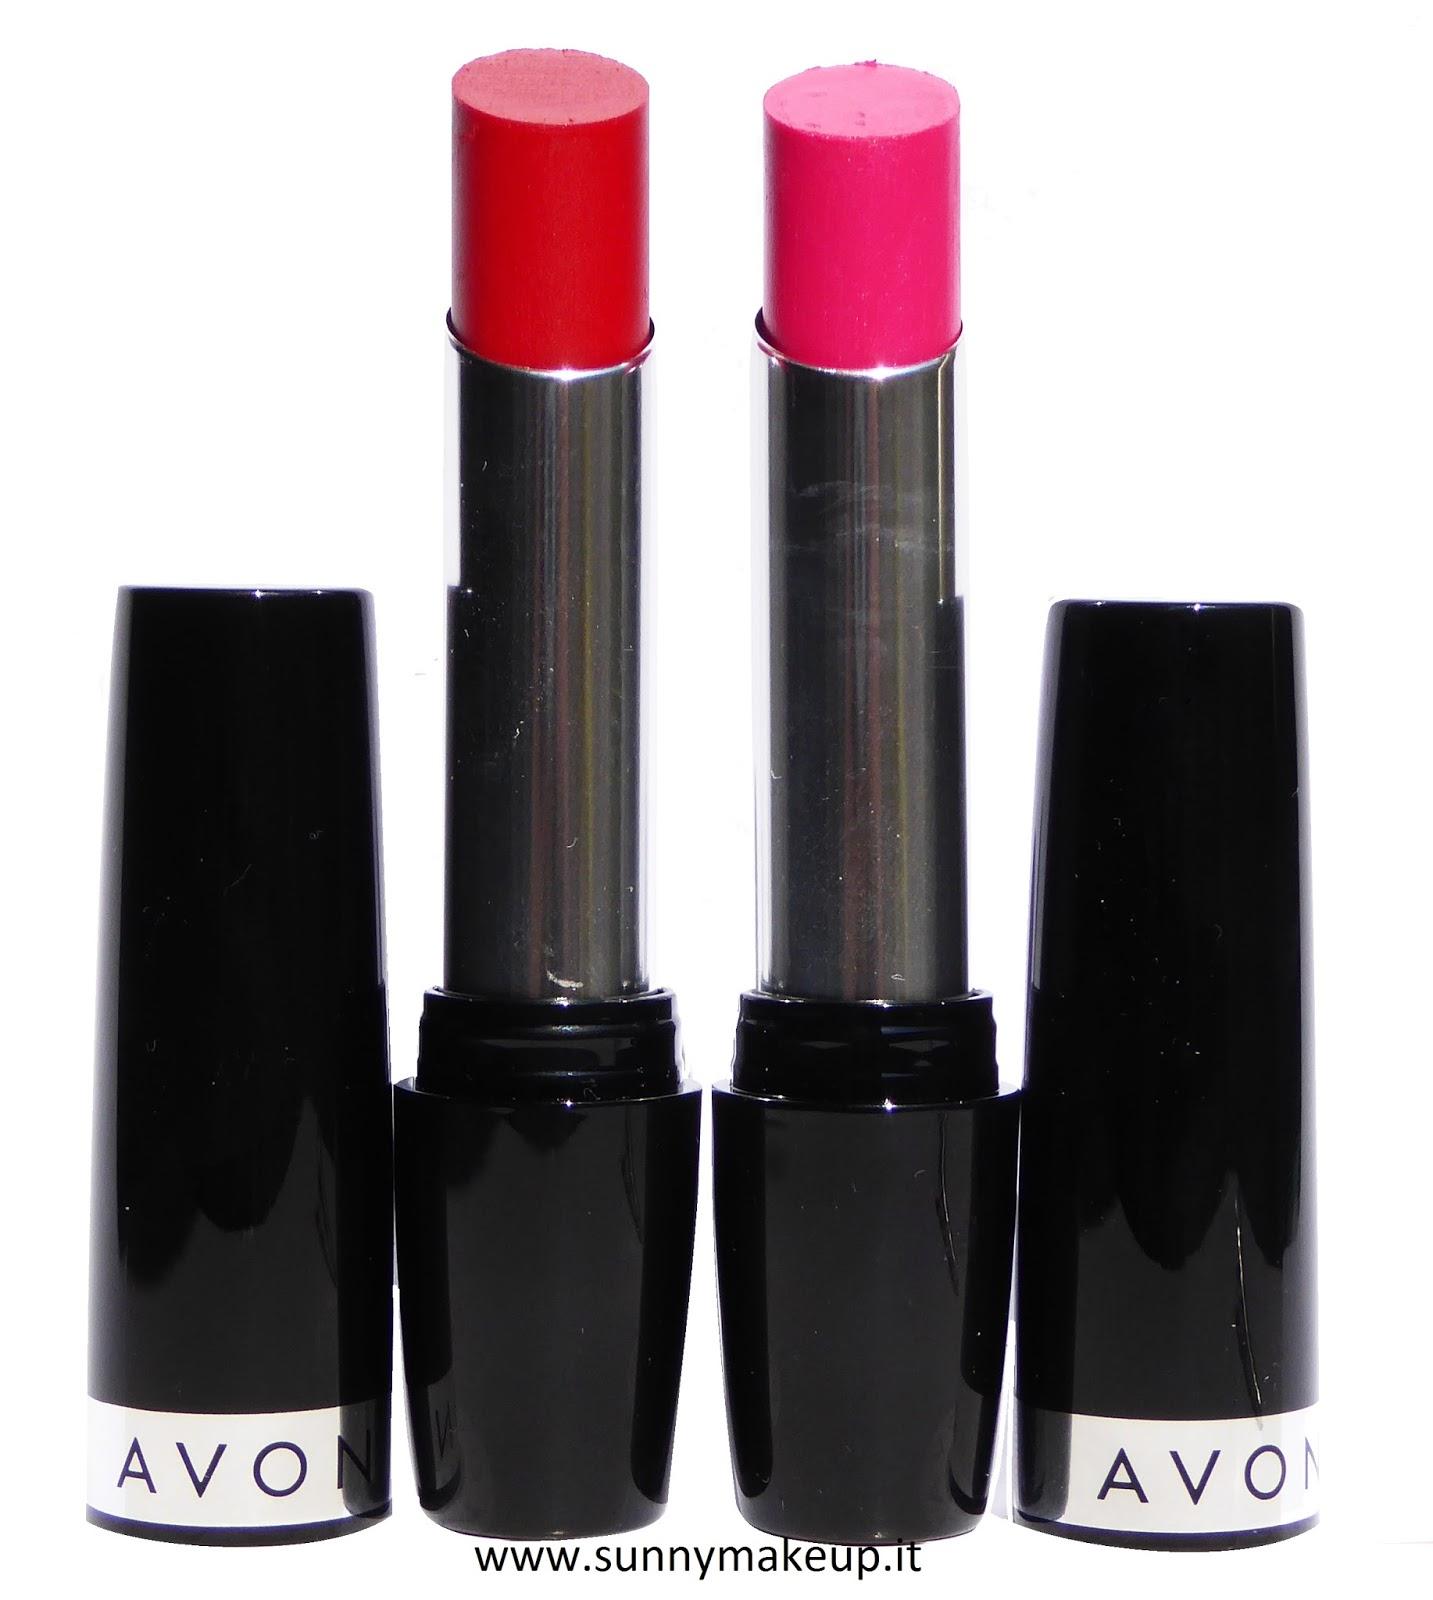 Avon - Rossetto Colore Semprevivo Indulgence